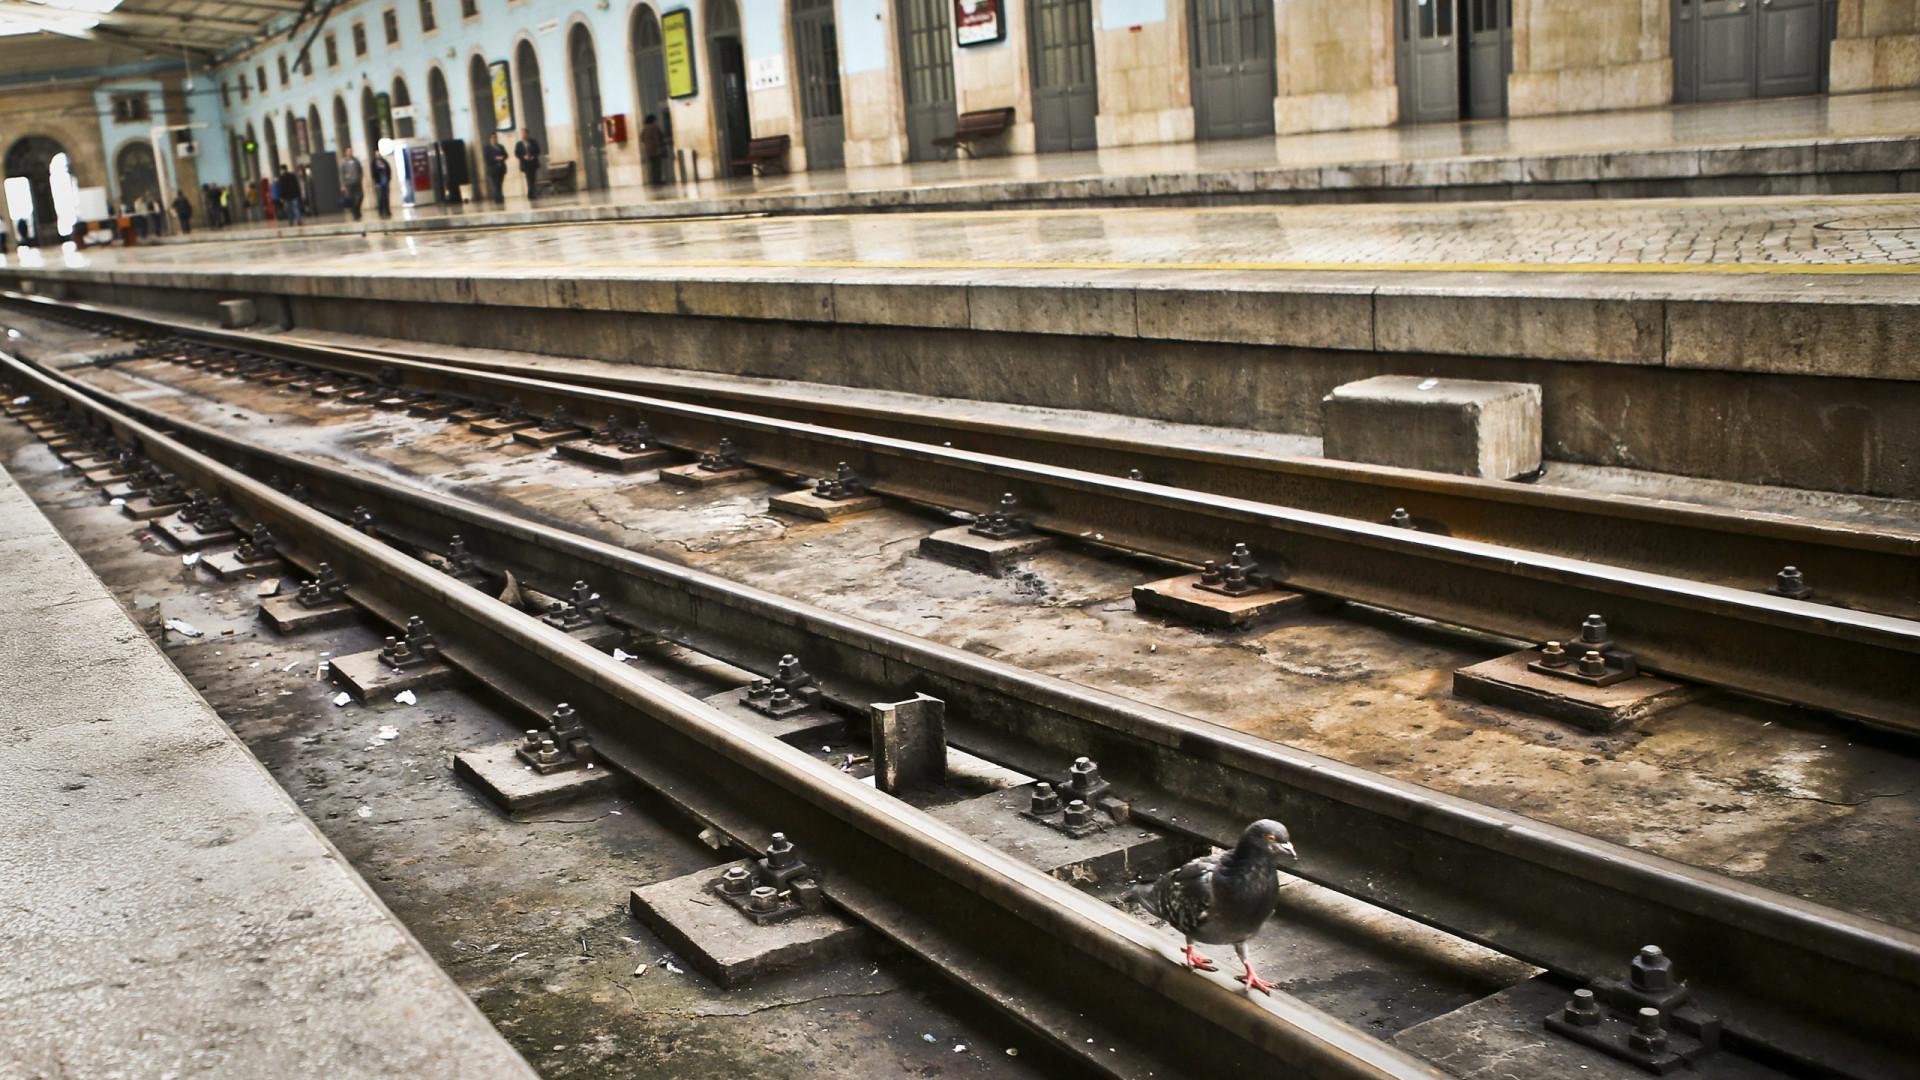 Homem morre após ser colhido por comboio em Paço de Arcos